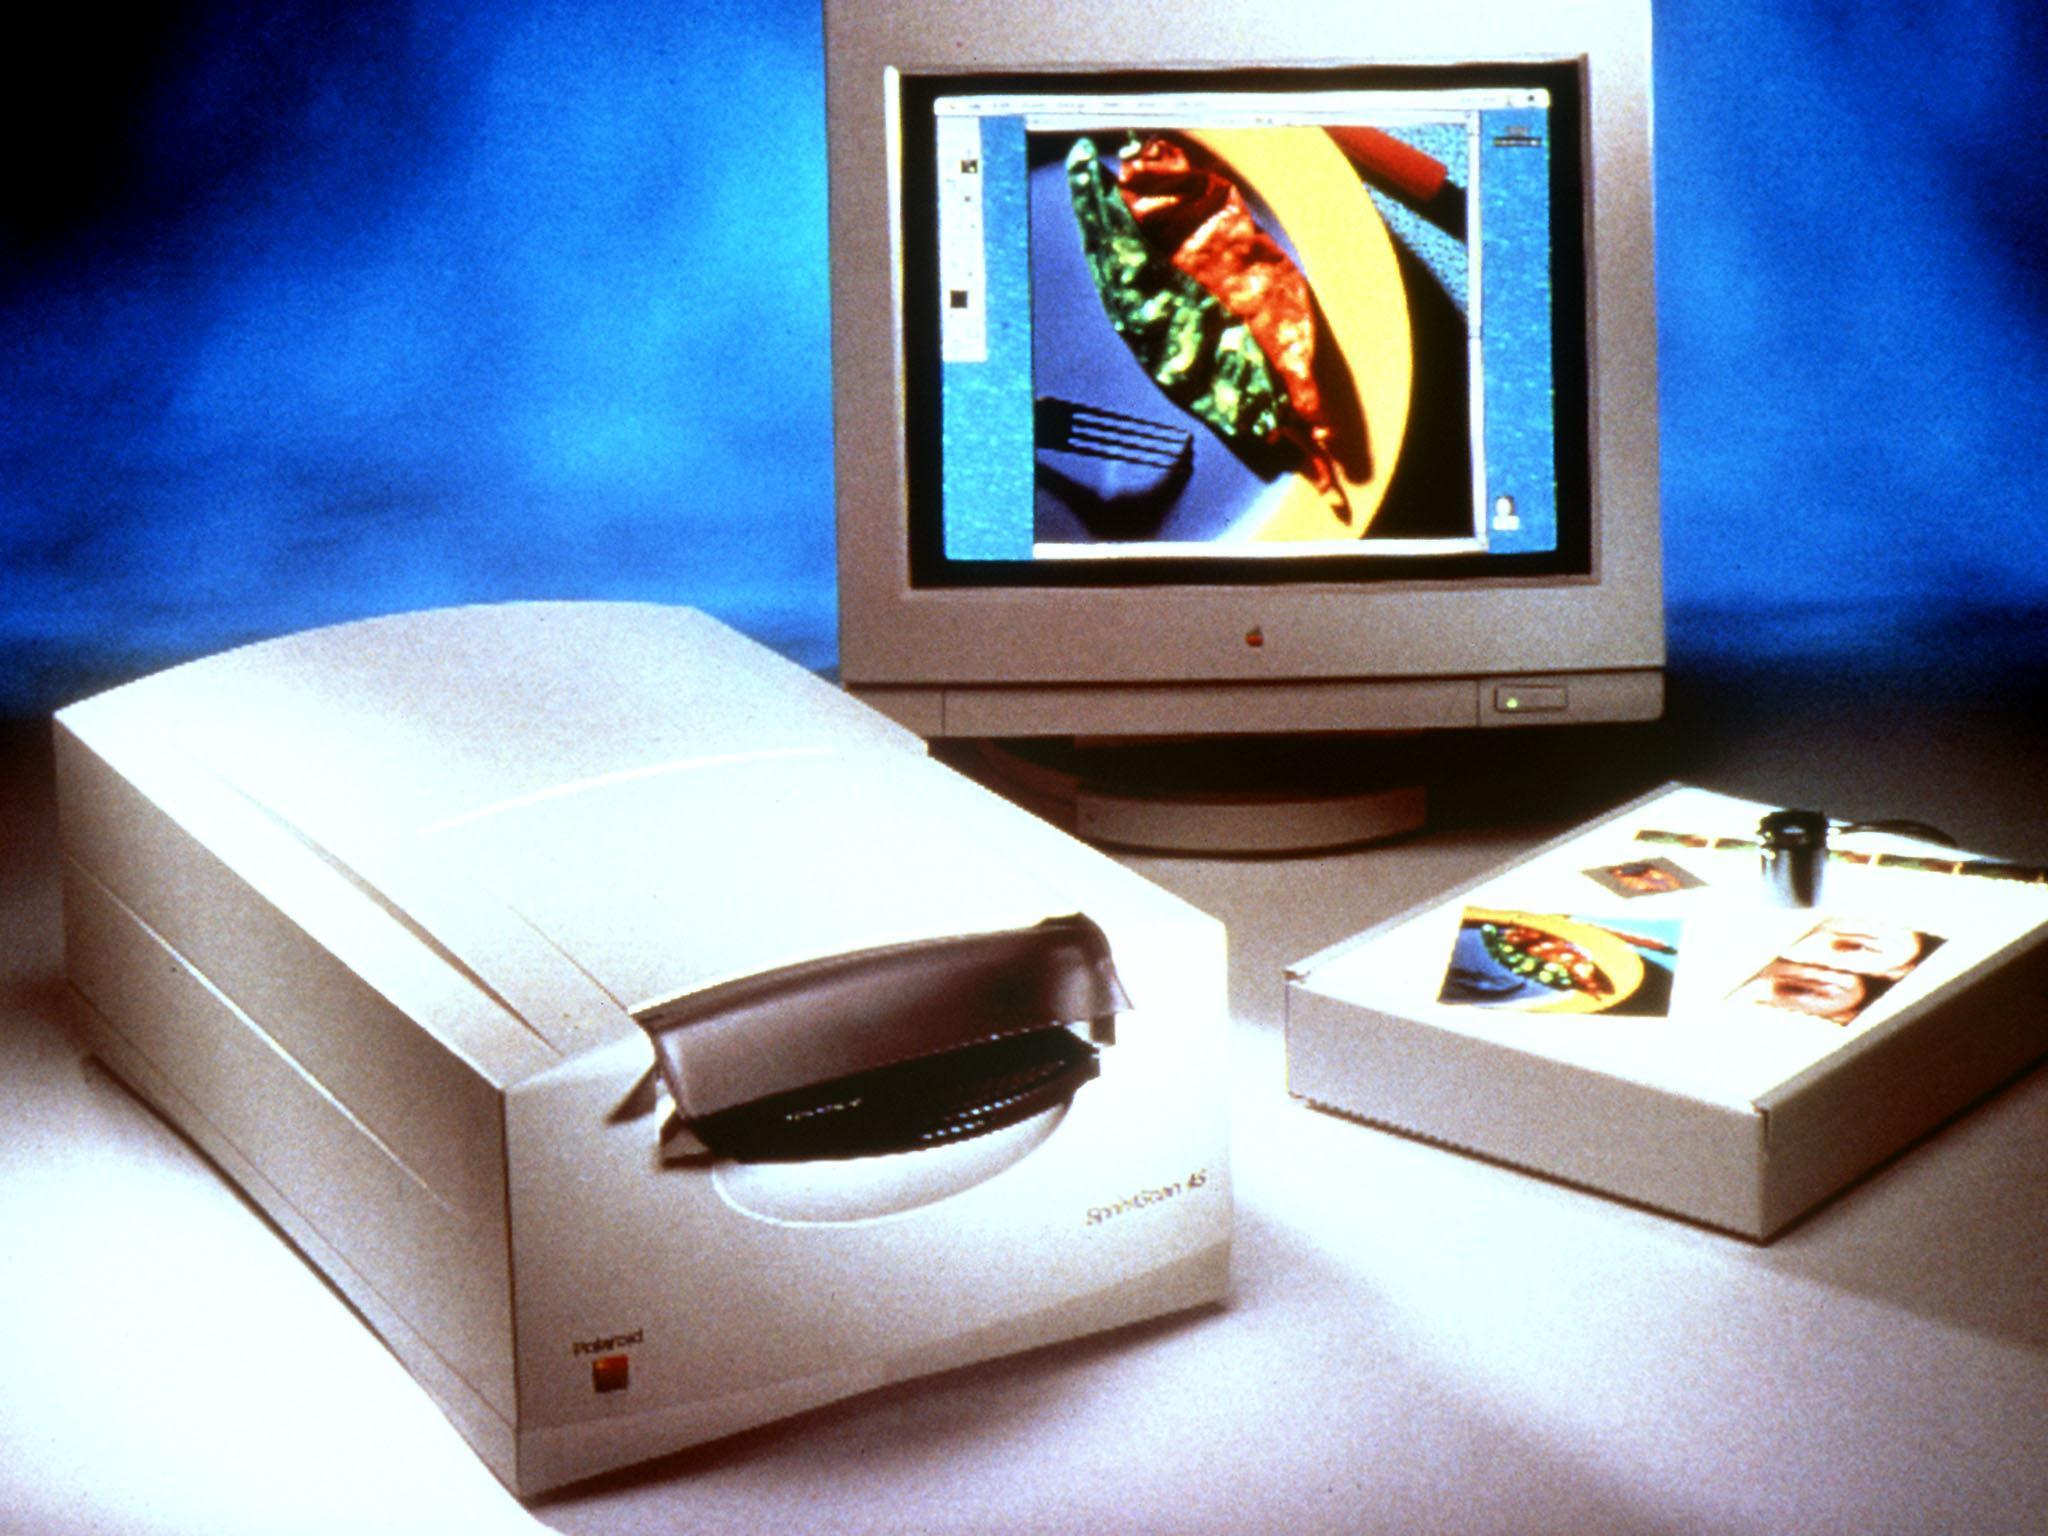 BILD ZU OTS 016 -  Der SprintScan 45 ist ein Multiformat-Film-Scanner für die Digitalisierung von gerahmten und ungerahmten Farbdias und Farbnegativen vom Kleinbildformat bis zu 9x12 cm. Positive und Negative können gleichermaßen verarbeitet werden.